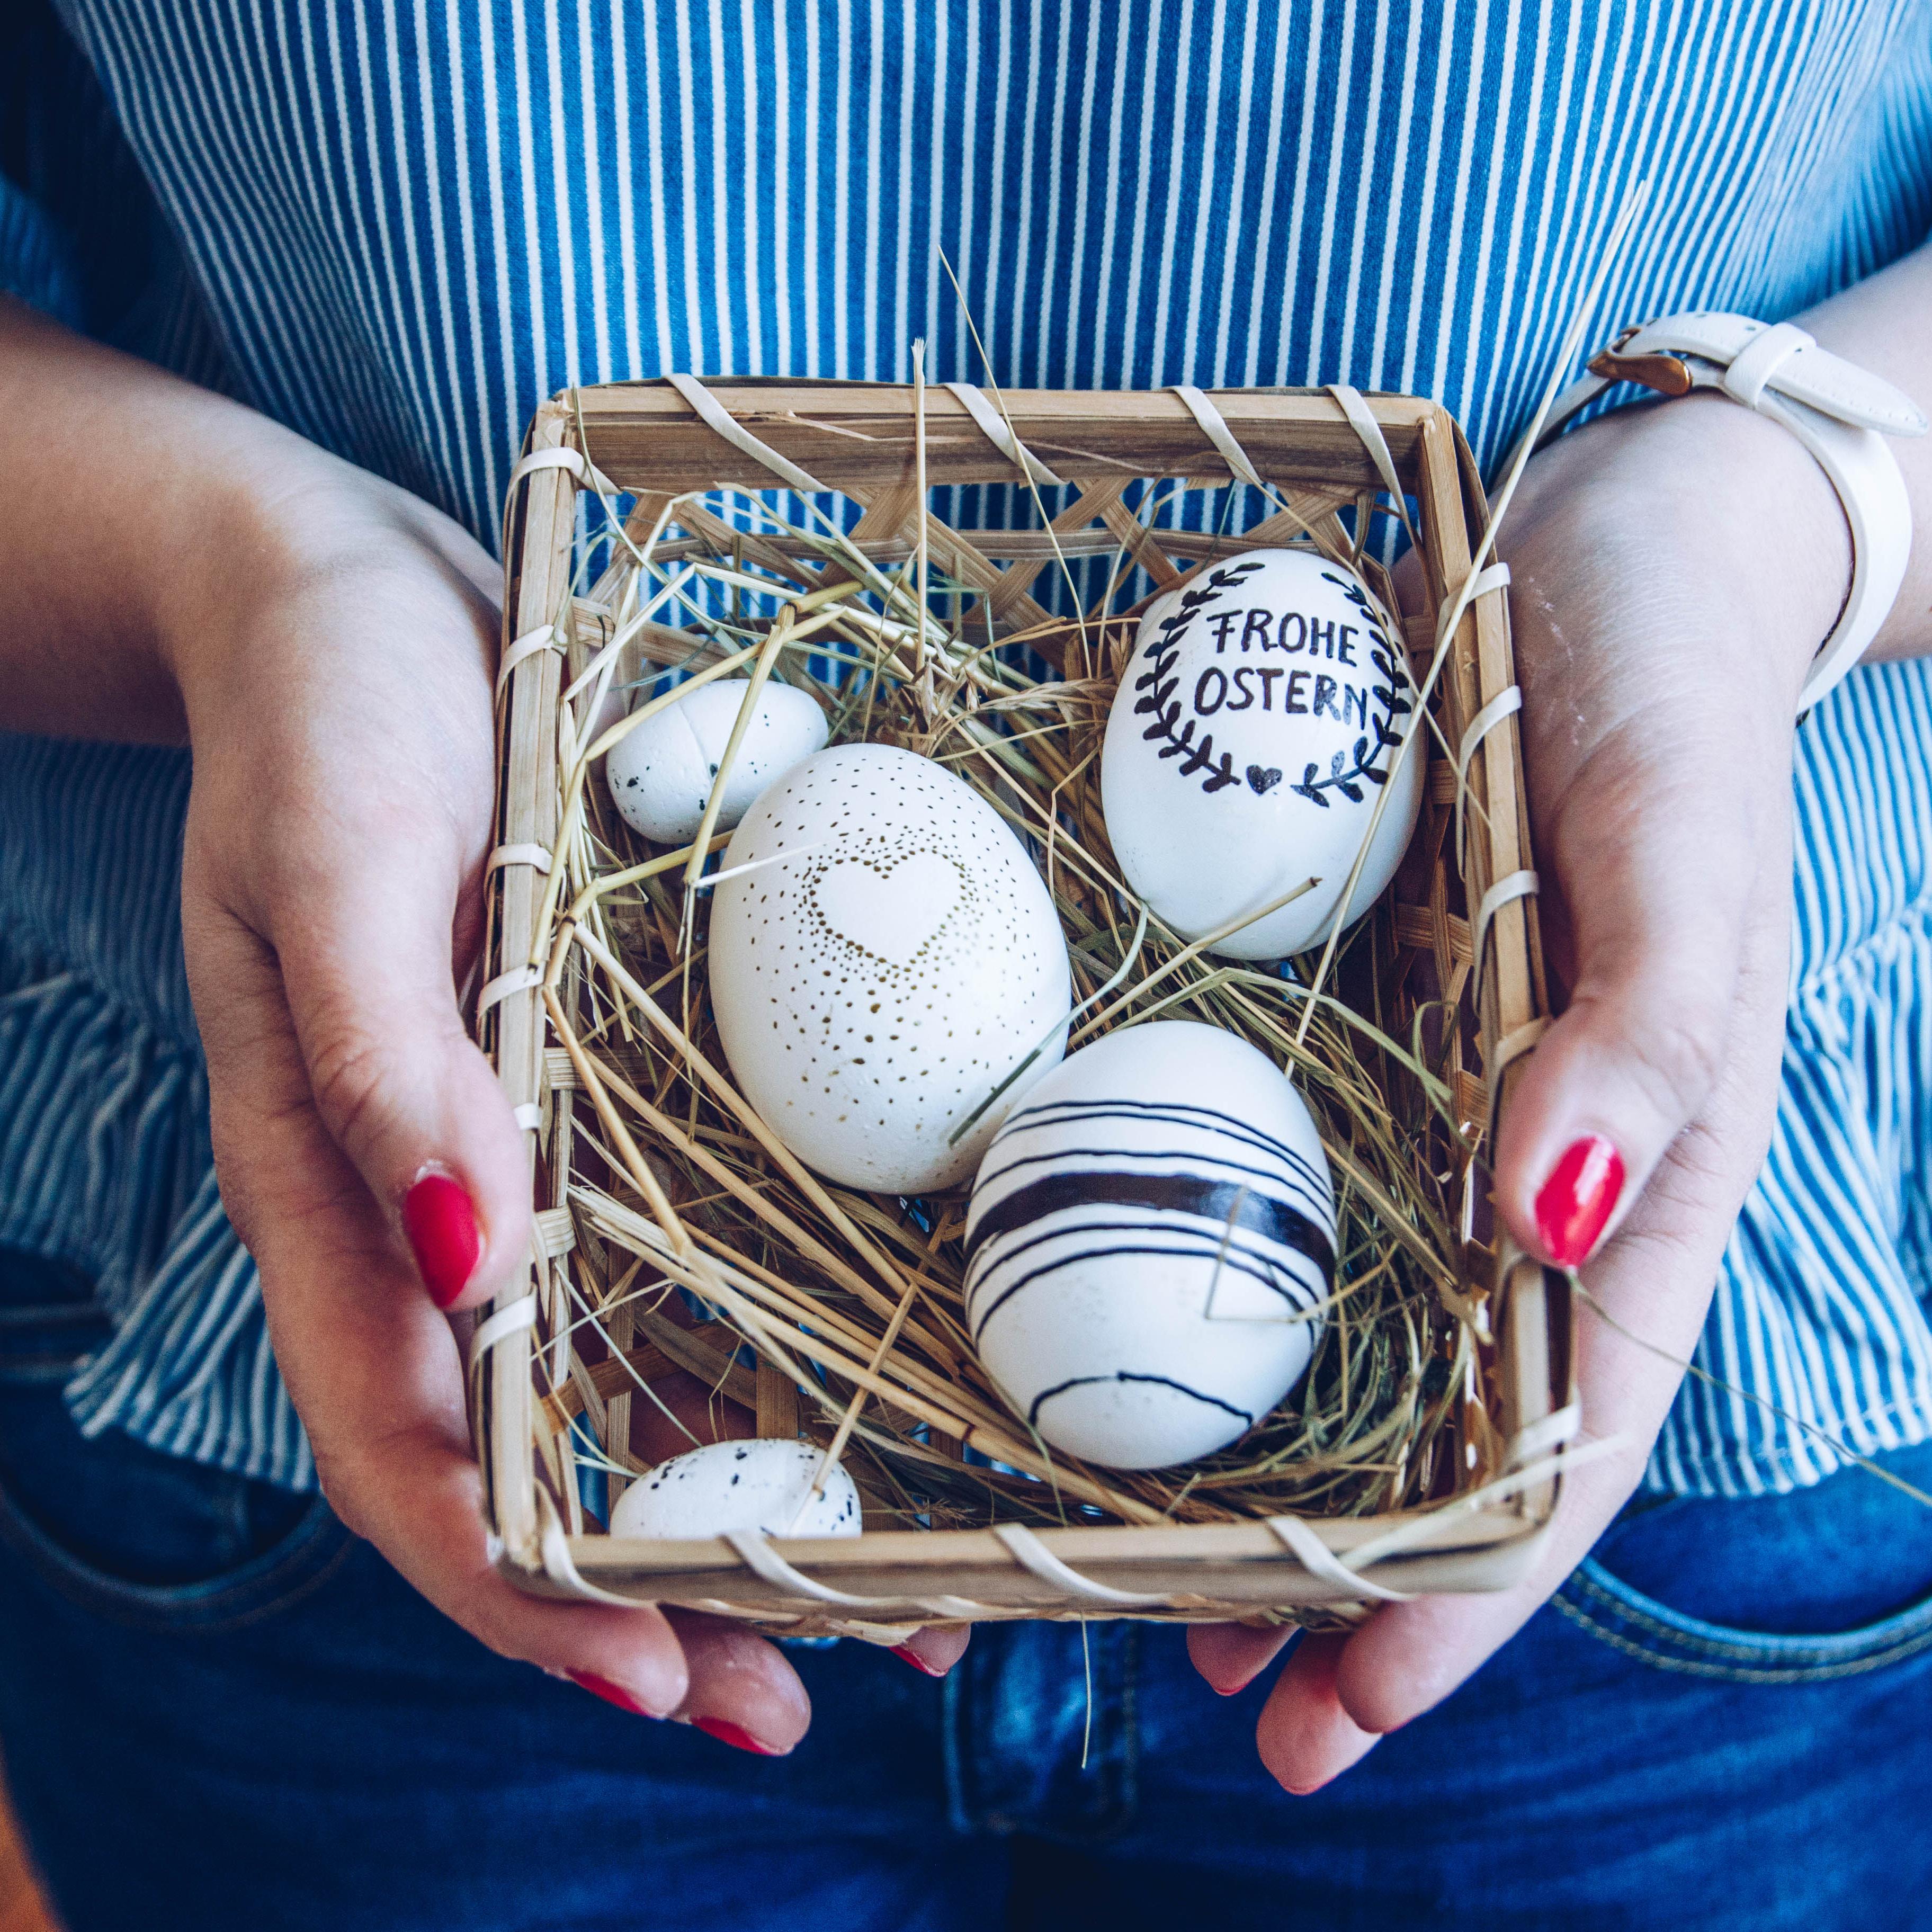 diy: ostereier gestalten – bemalen, färben & bepflanzen - zimmerzucker